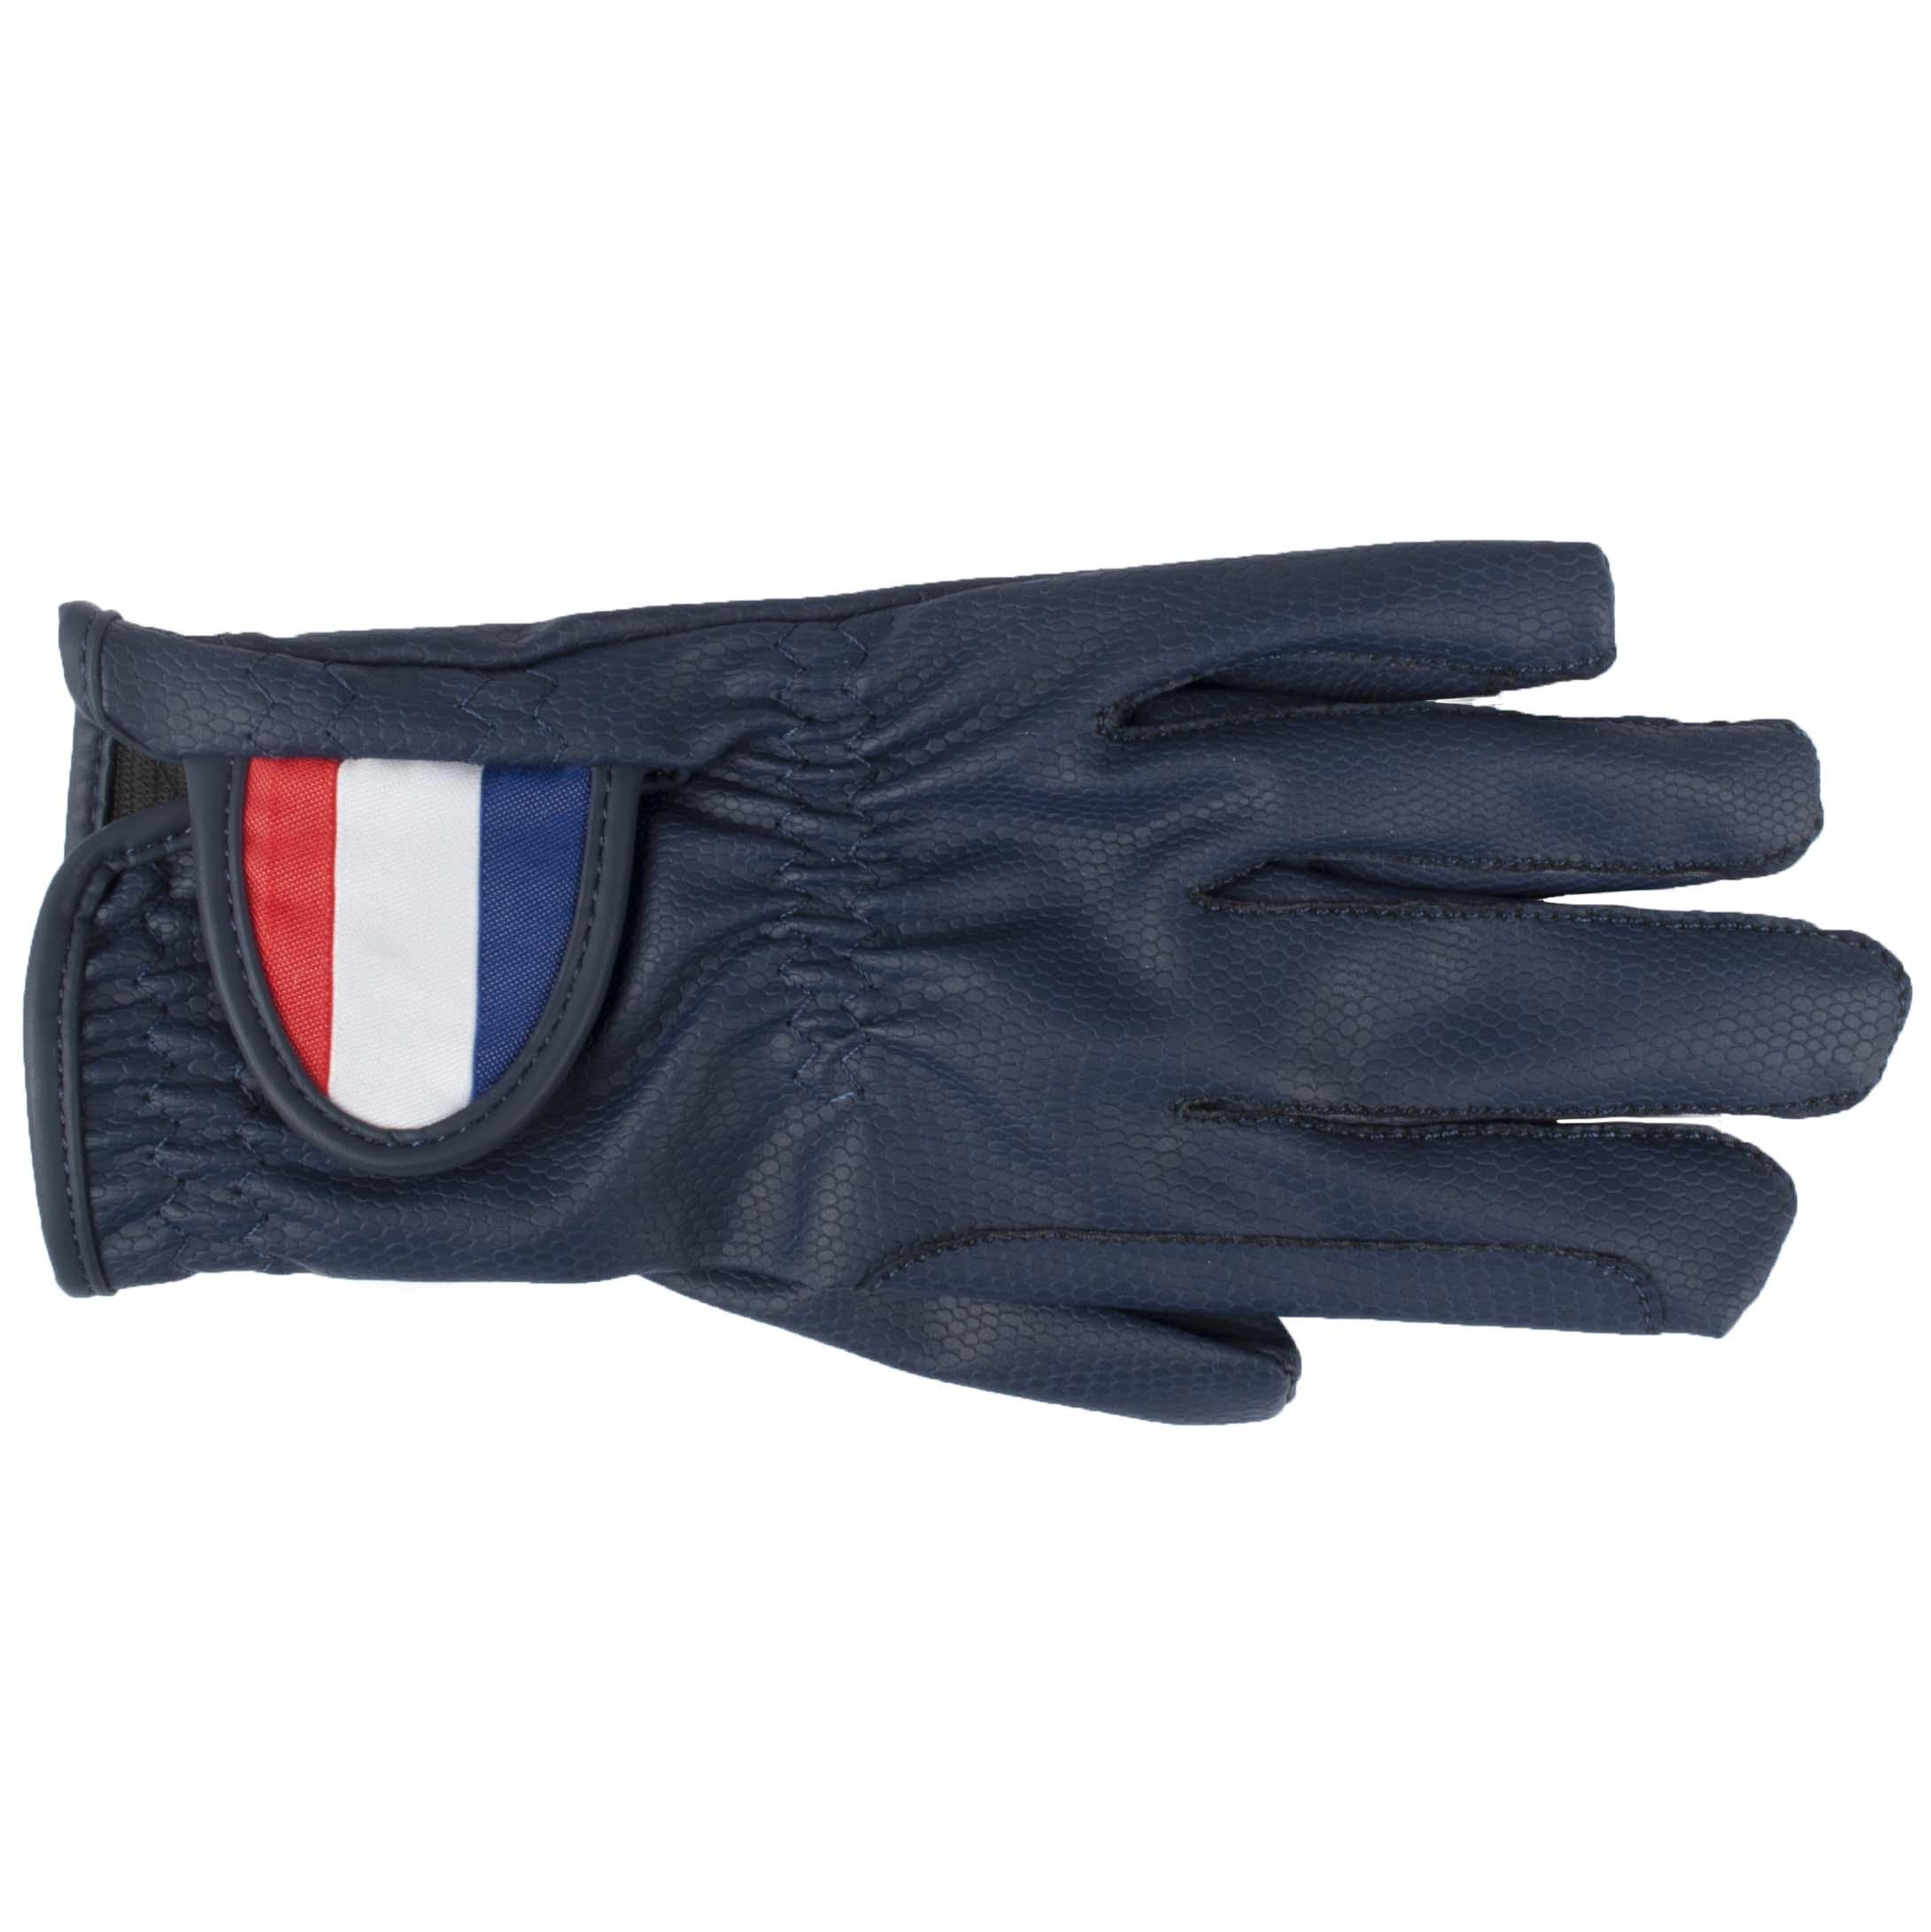 Mondoni Netherlands handschoenen donkerblauw maat:8